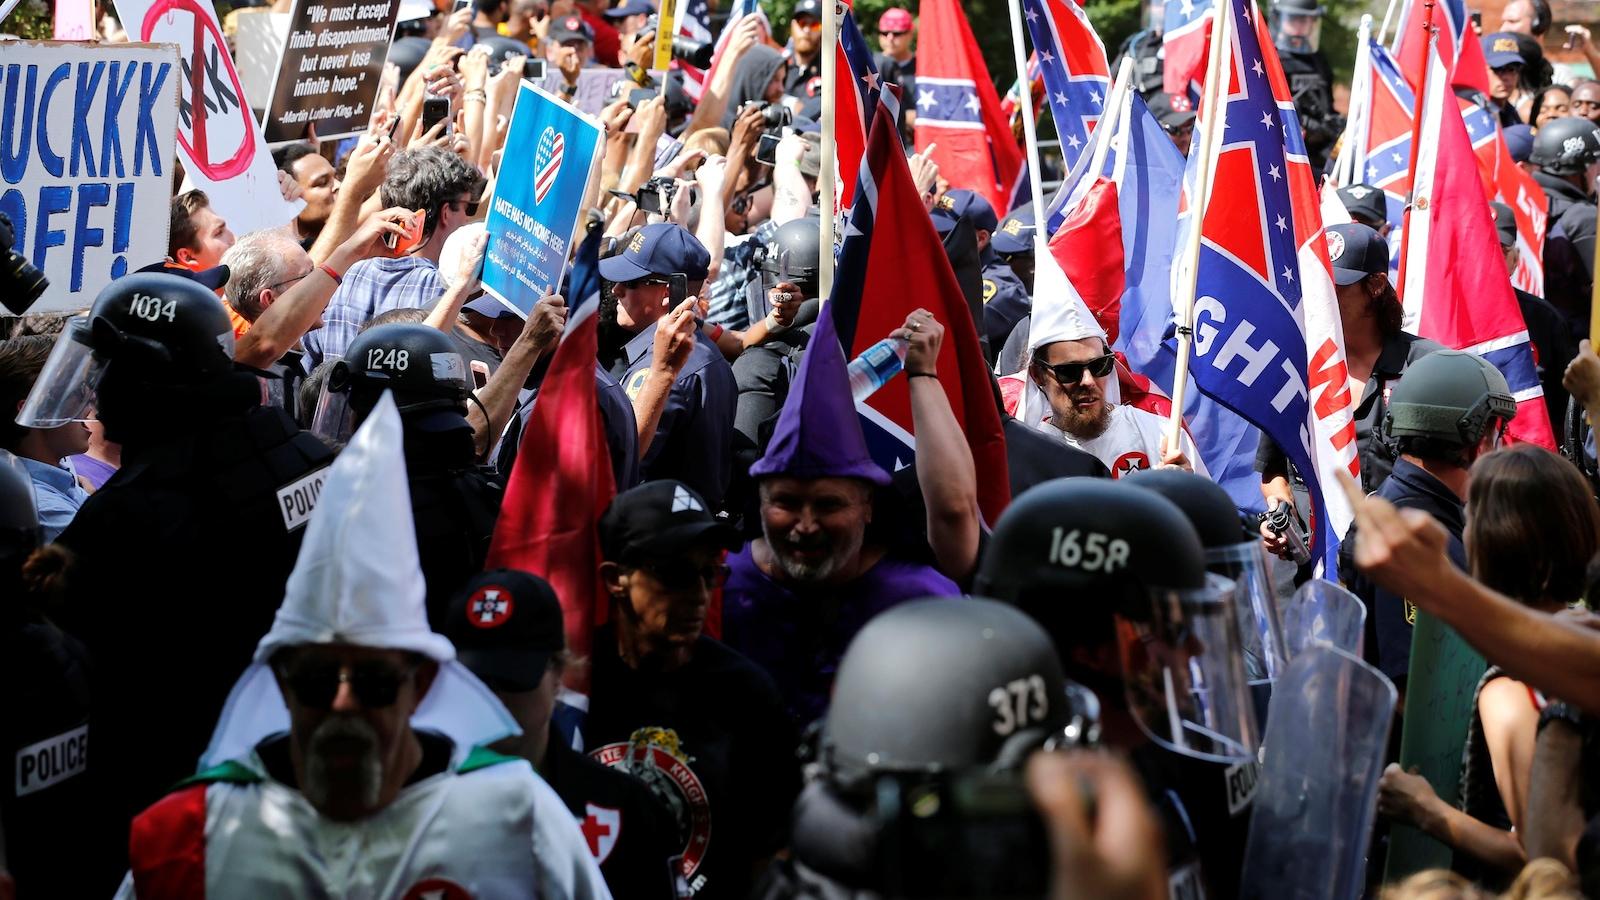 Un rassemblement de la droite radicale américaine vire au drame